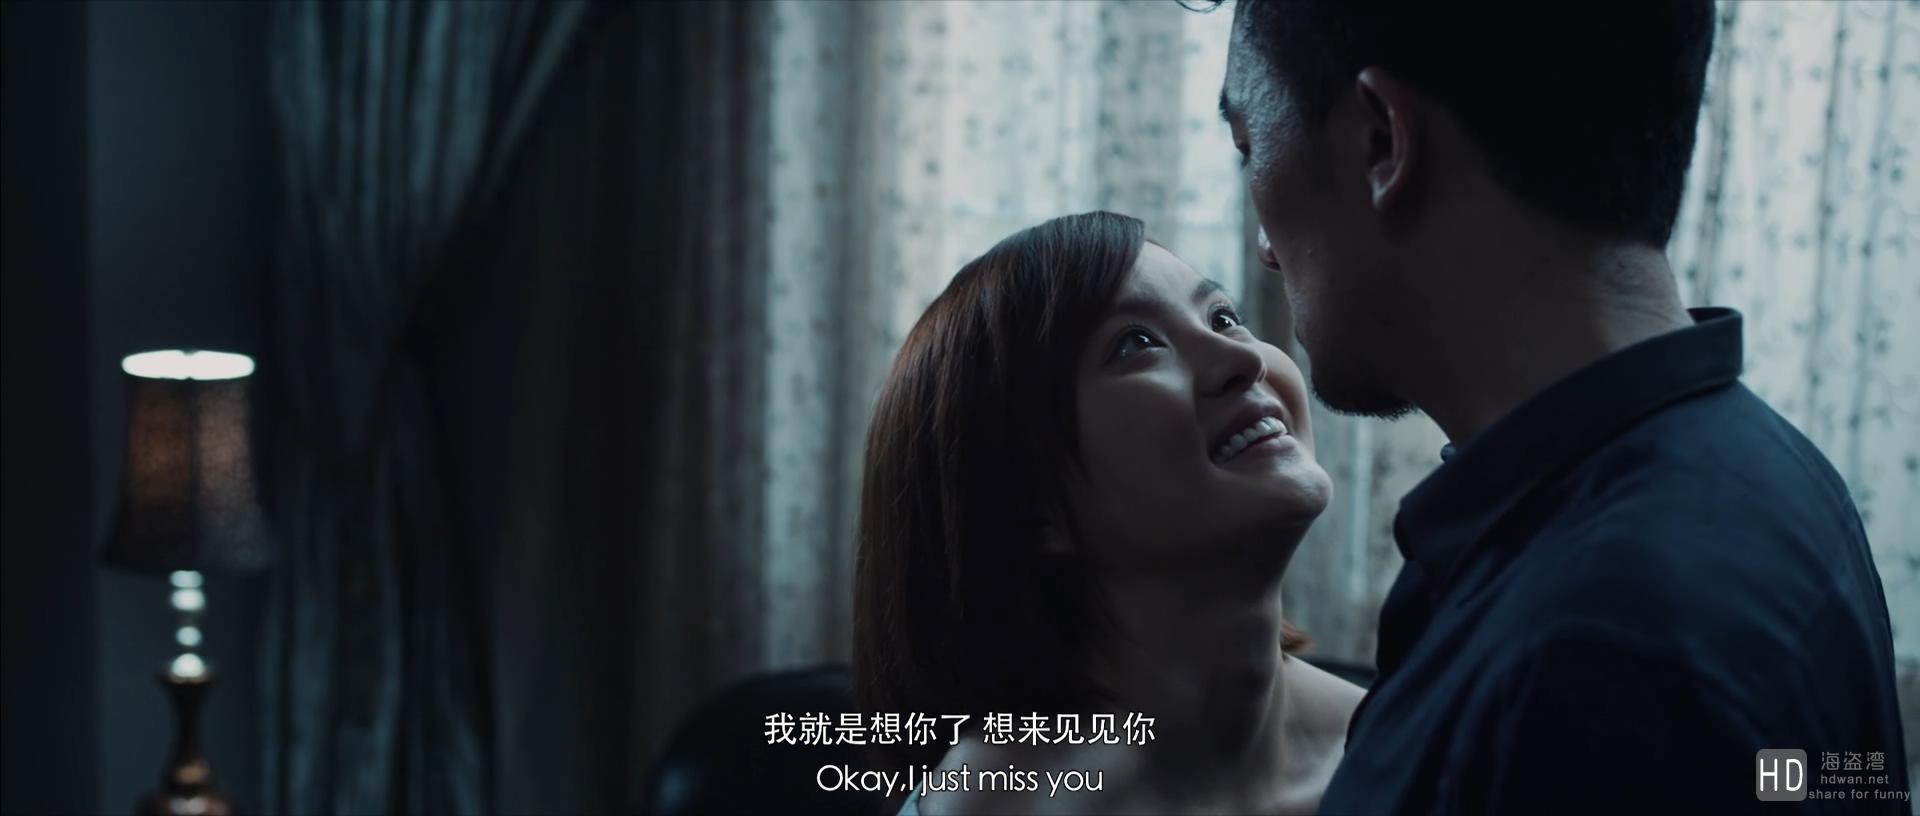 [禁忌关系/狙击唐小婉][2015][大陆][悬疑][HD-MP4/1.08G][国语中字][1080P]